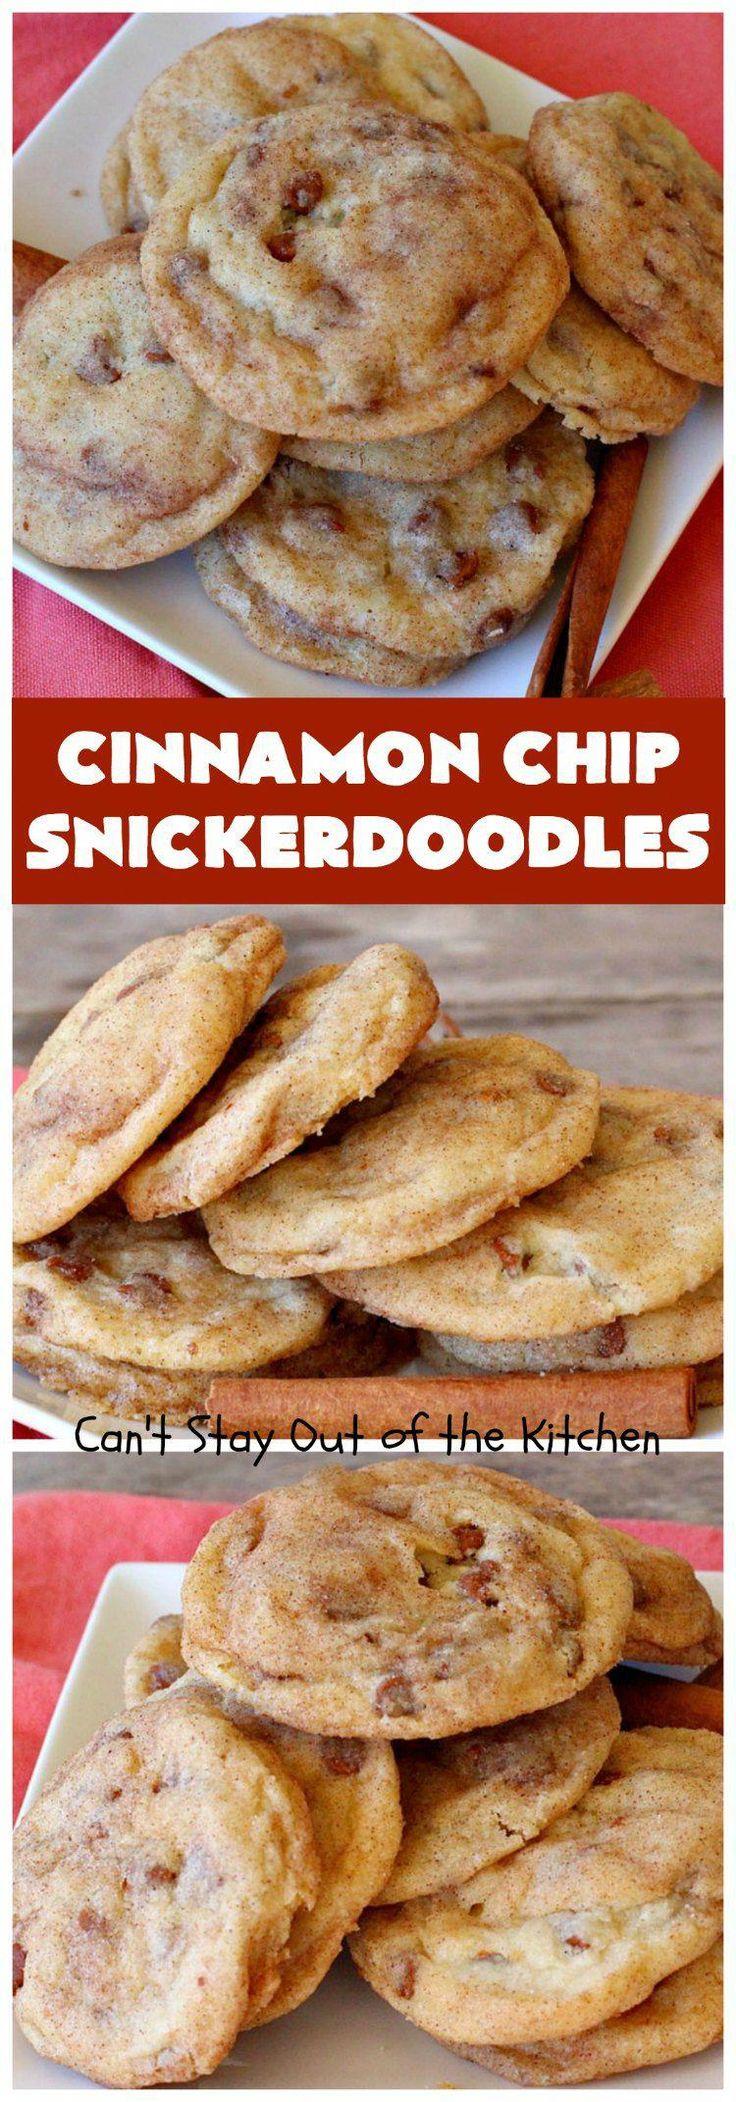 Zimt Chip Snickerdoodles | Ich kann mich nicht aus der Küche raushalten Verdreifache die #cinna …